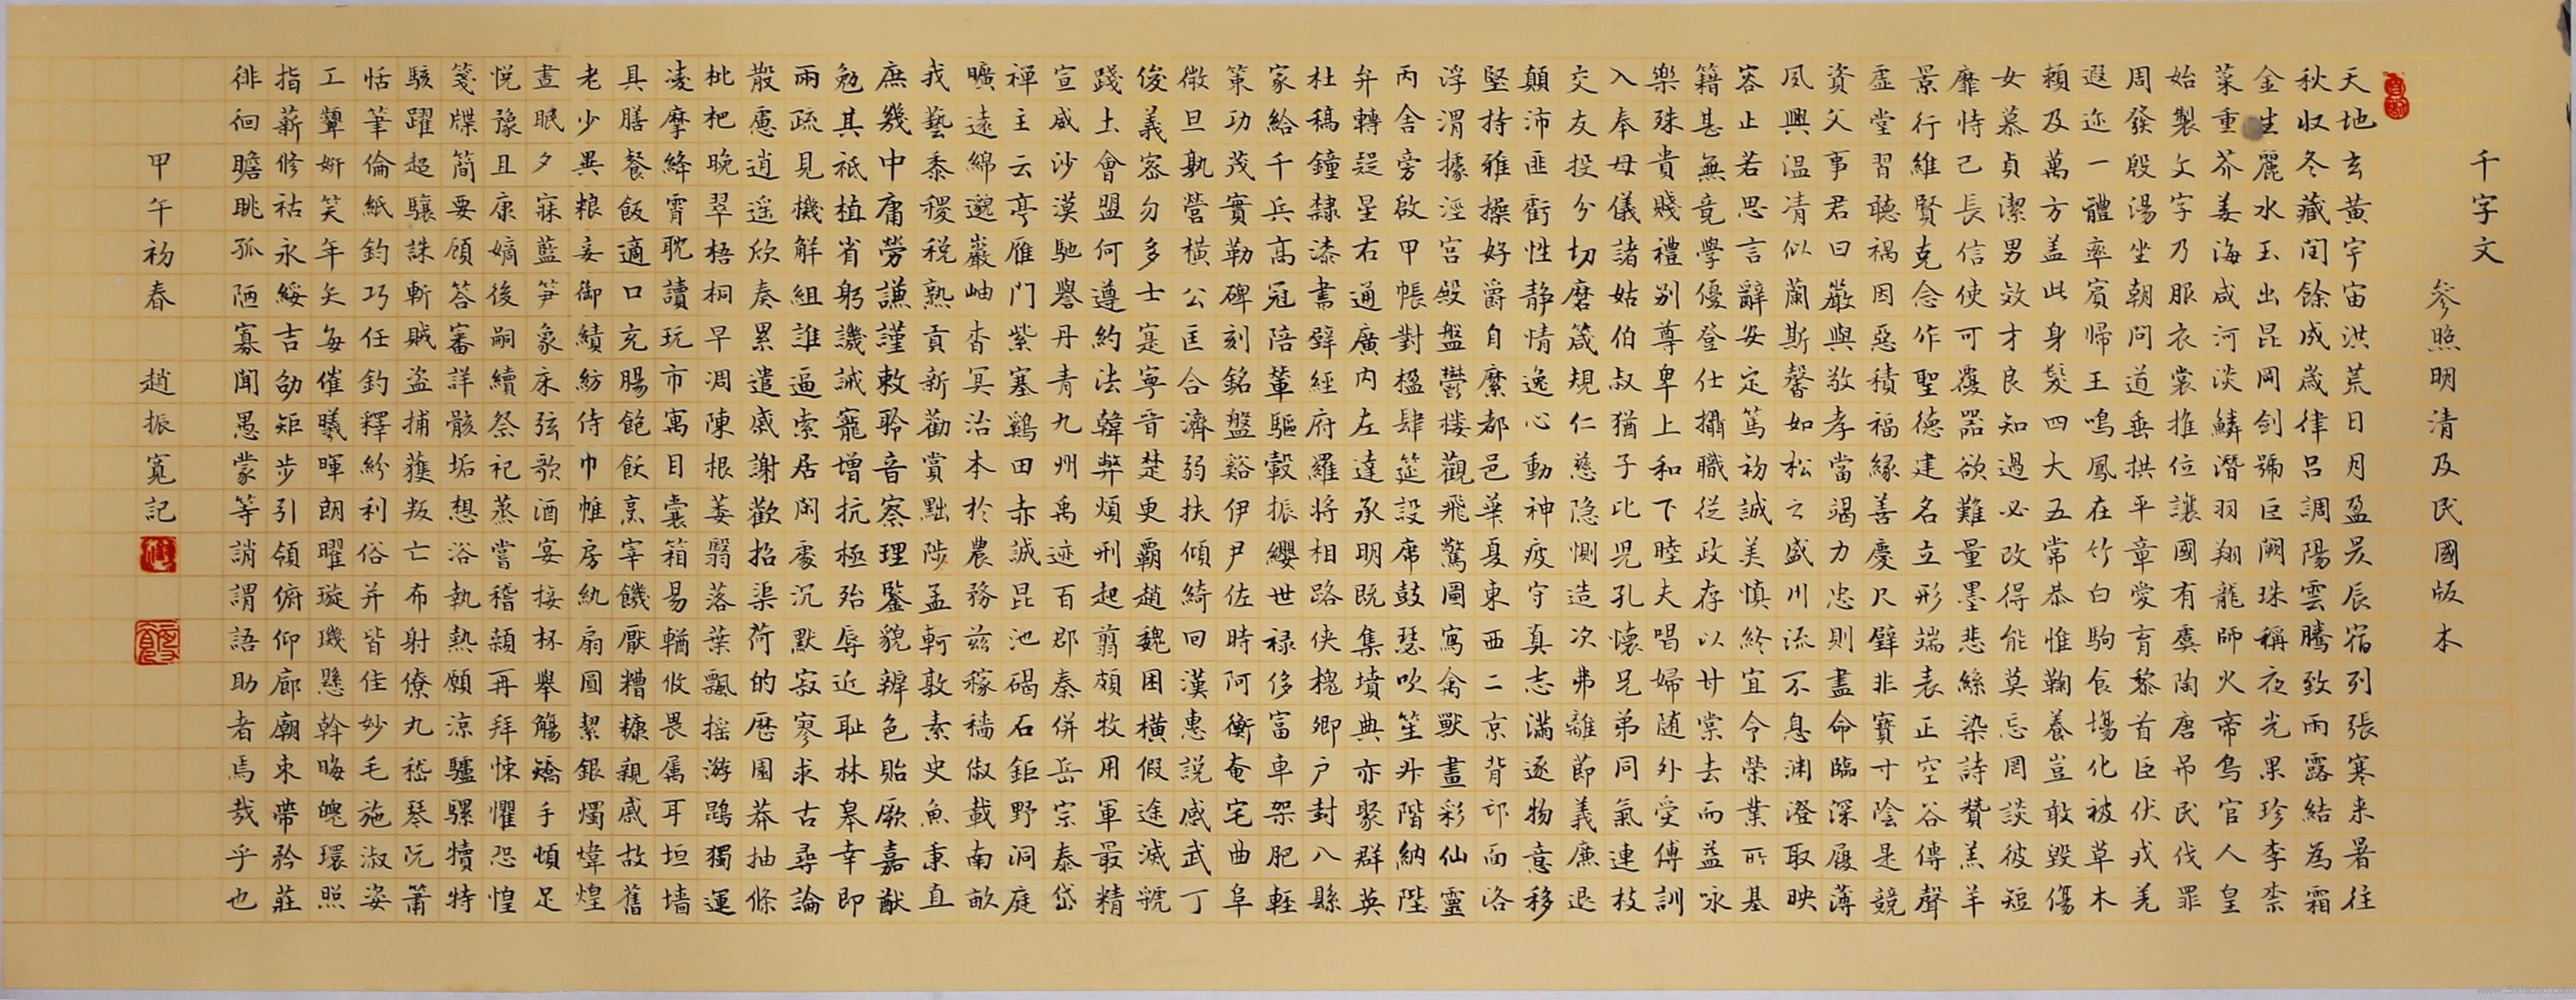 只学一篇韵文便能识天下汉字